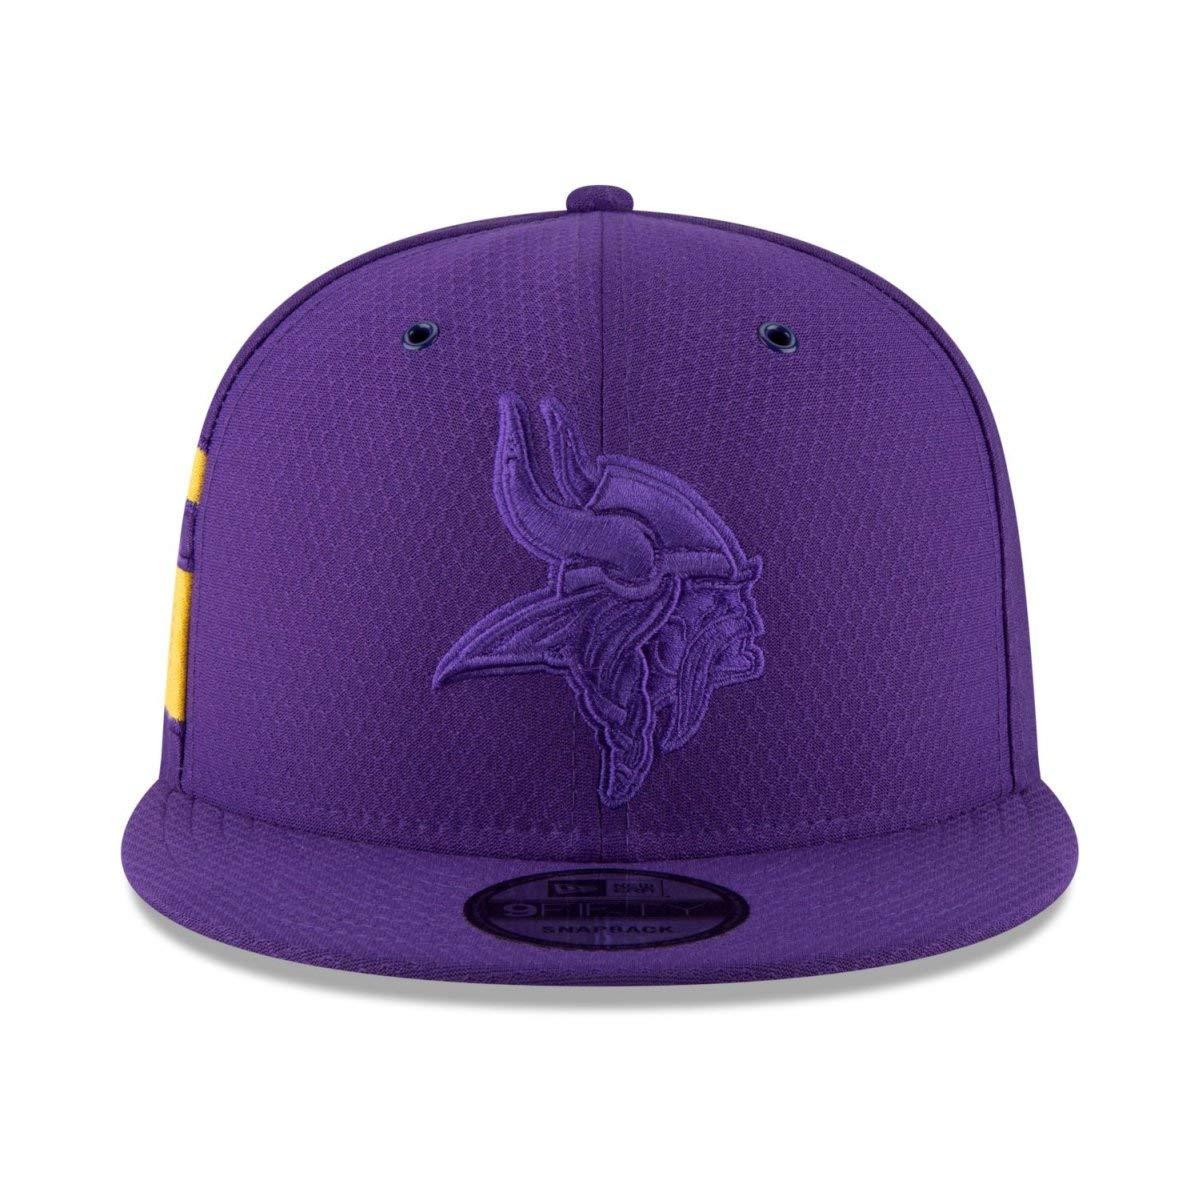 COLOR RUSH Minnesota Vikings New Era 9Fifty Snapback Cap